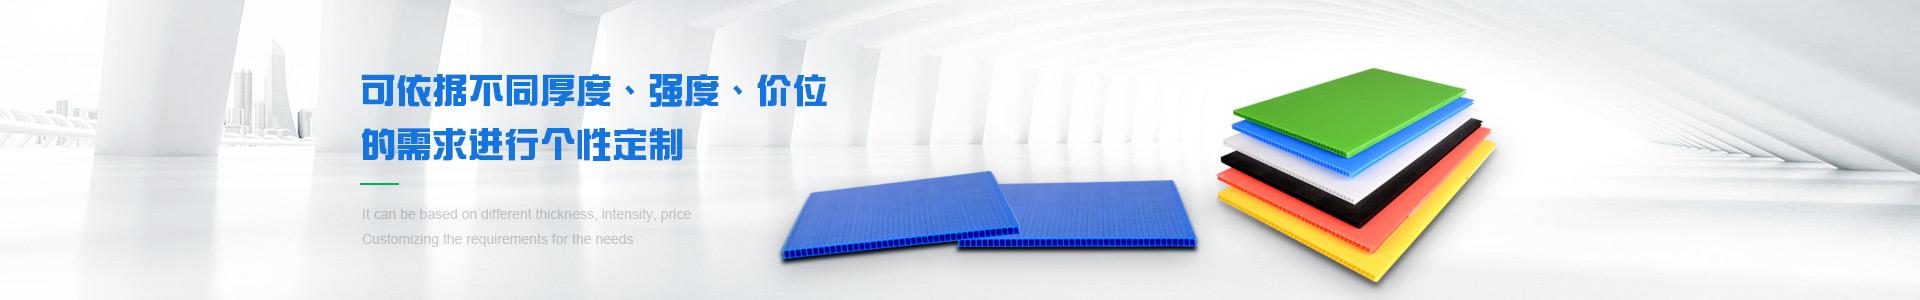 中空板 可依据不同厚度、强度、价位需求个性定制